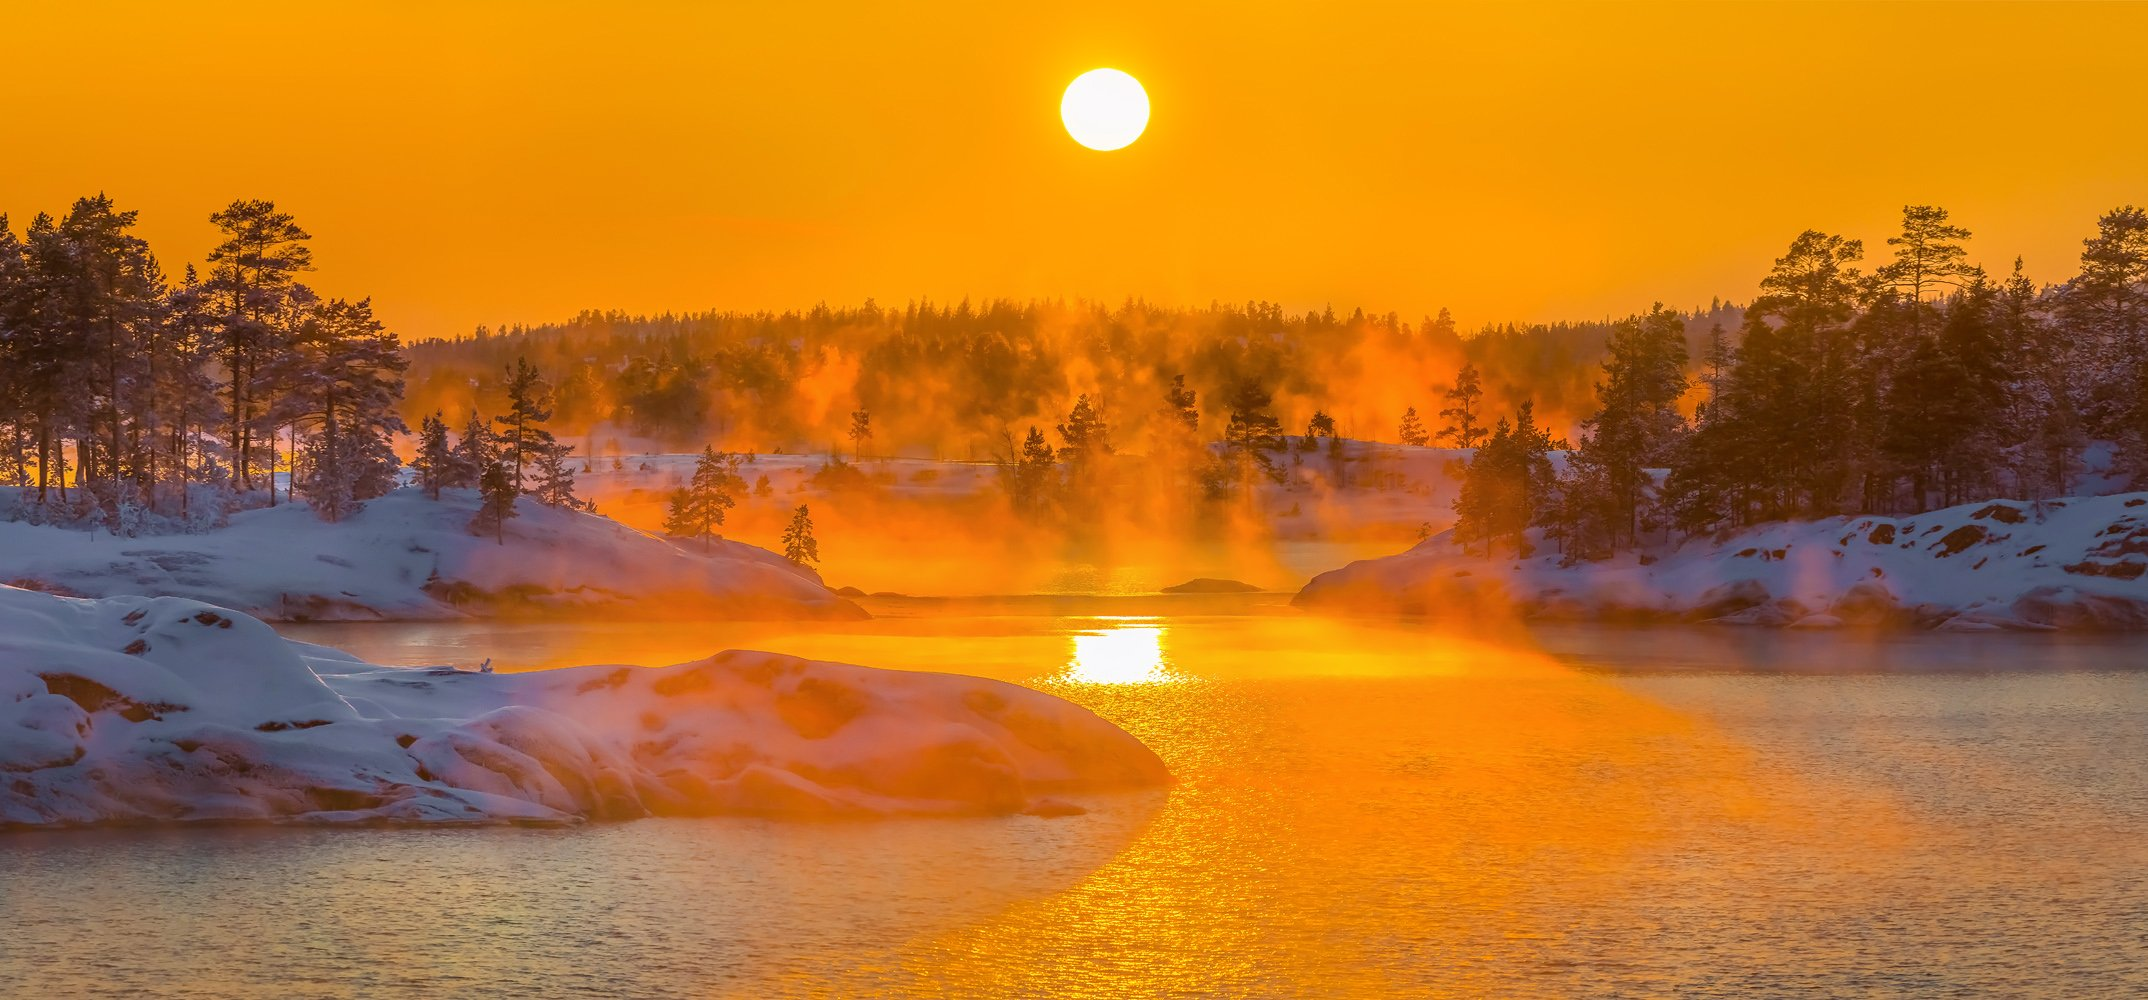 ладожское озеро, карелия, шхеры, природа, скалы, вода, остров, зима, закат, снег, солнце, туман, мыс, Лашков Фёдор